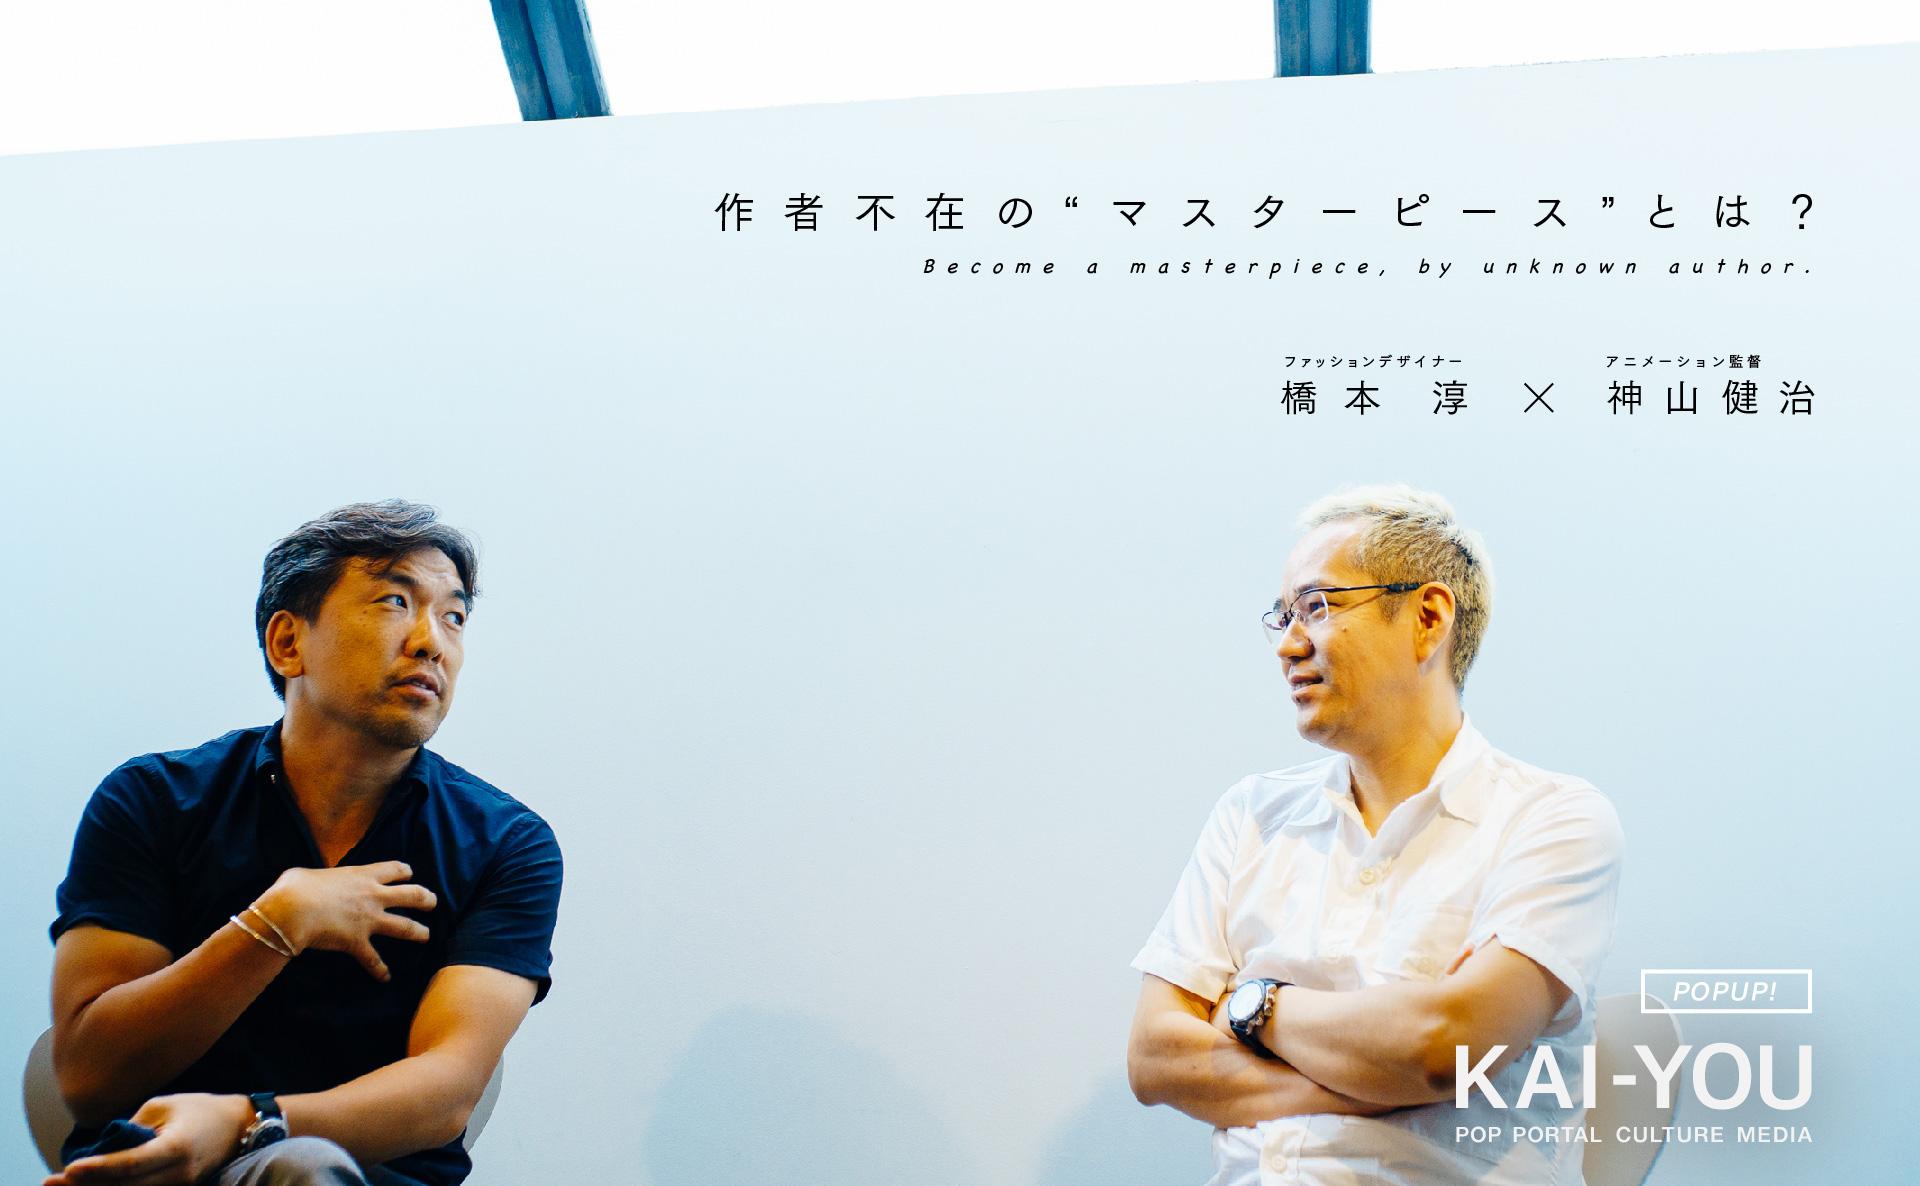 橋本淳×神山健治の意外な交流 「みんなの5本の指にはいる」ことはNo1より難しい